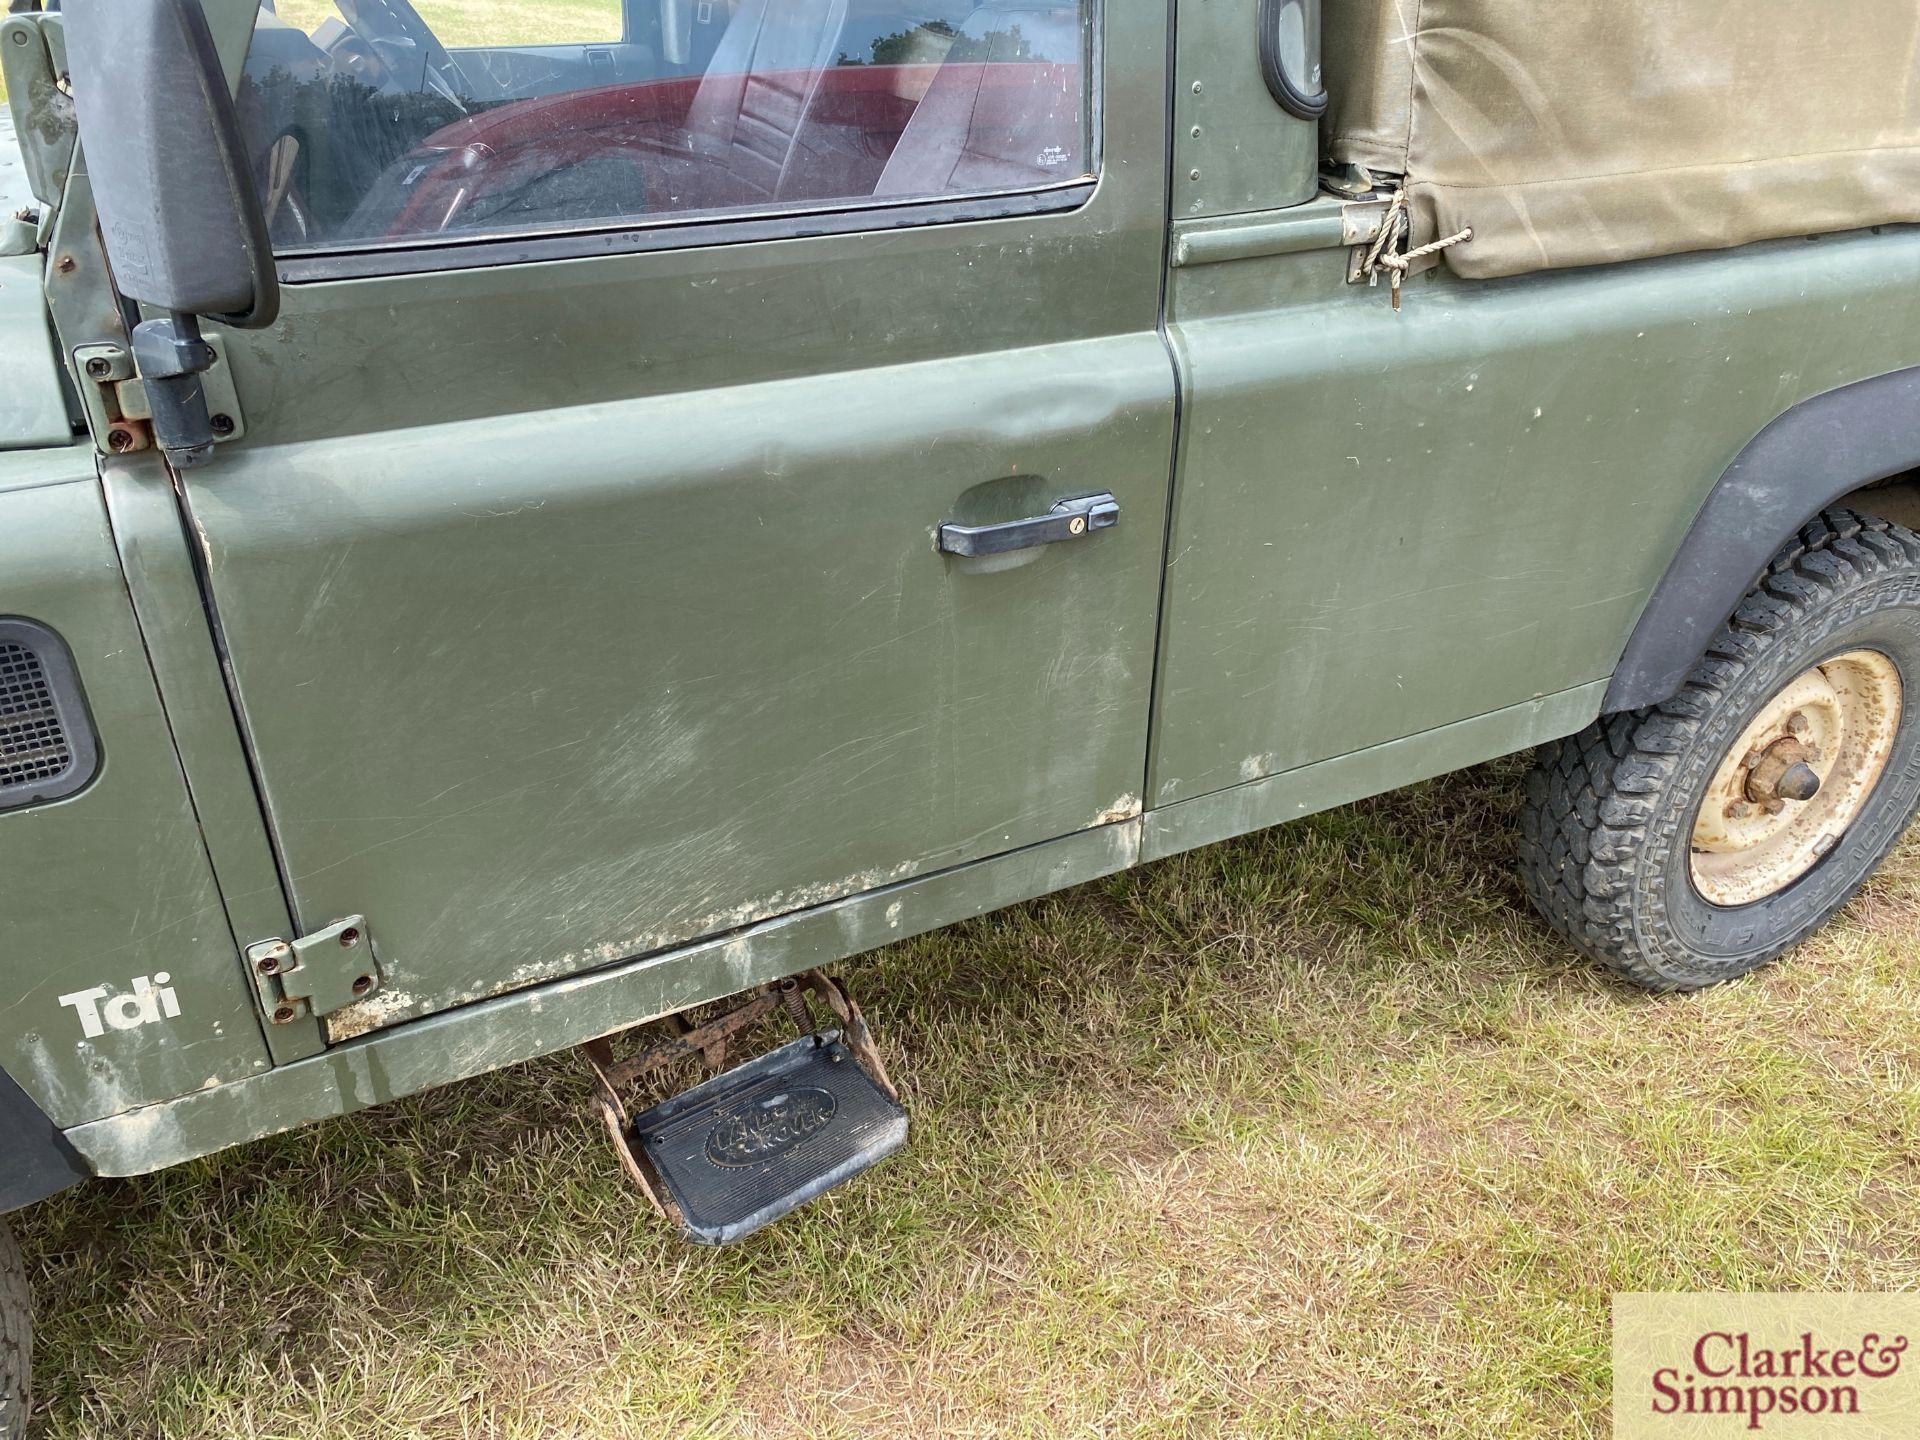 Land Rover Defender 110 single cab pick-up. Registration H317 OHK. Date of first registration 08/ - Image 17 of 56